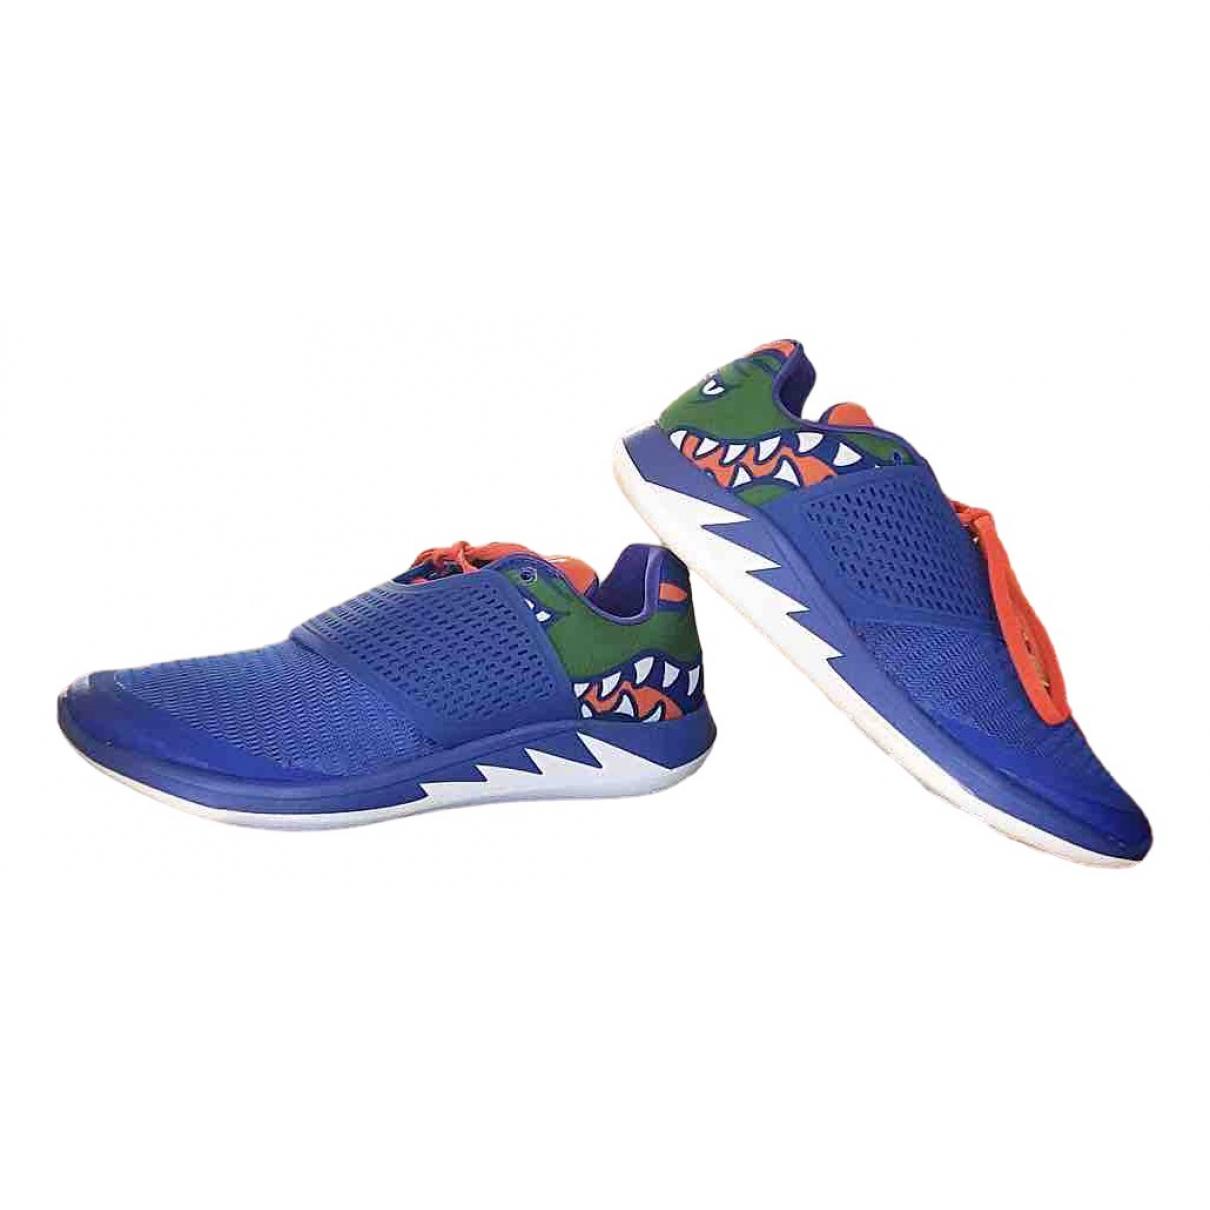 Jordan - Baskets   pour homme en toile - bleu